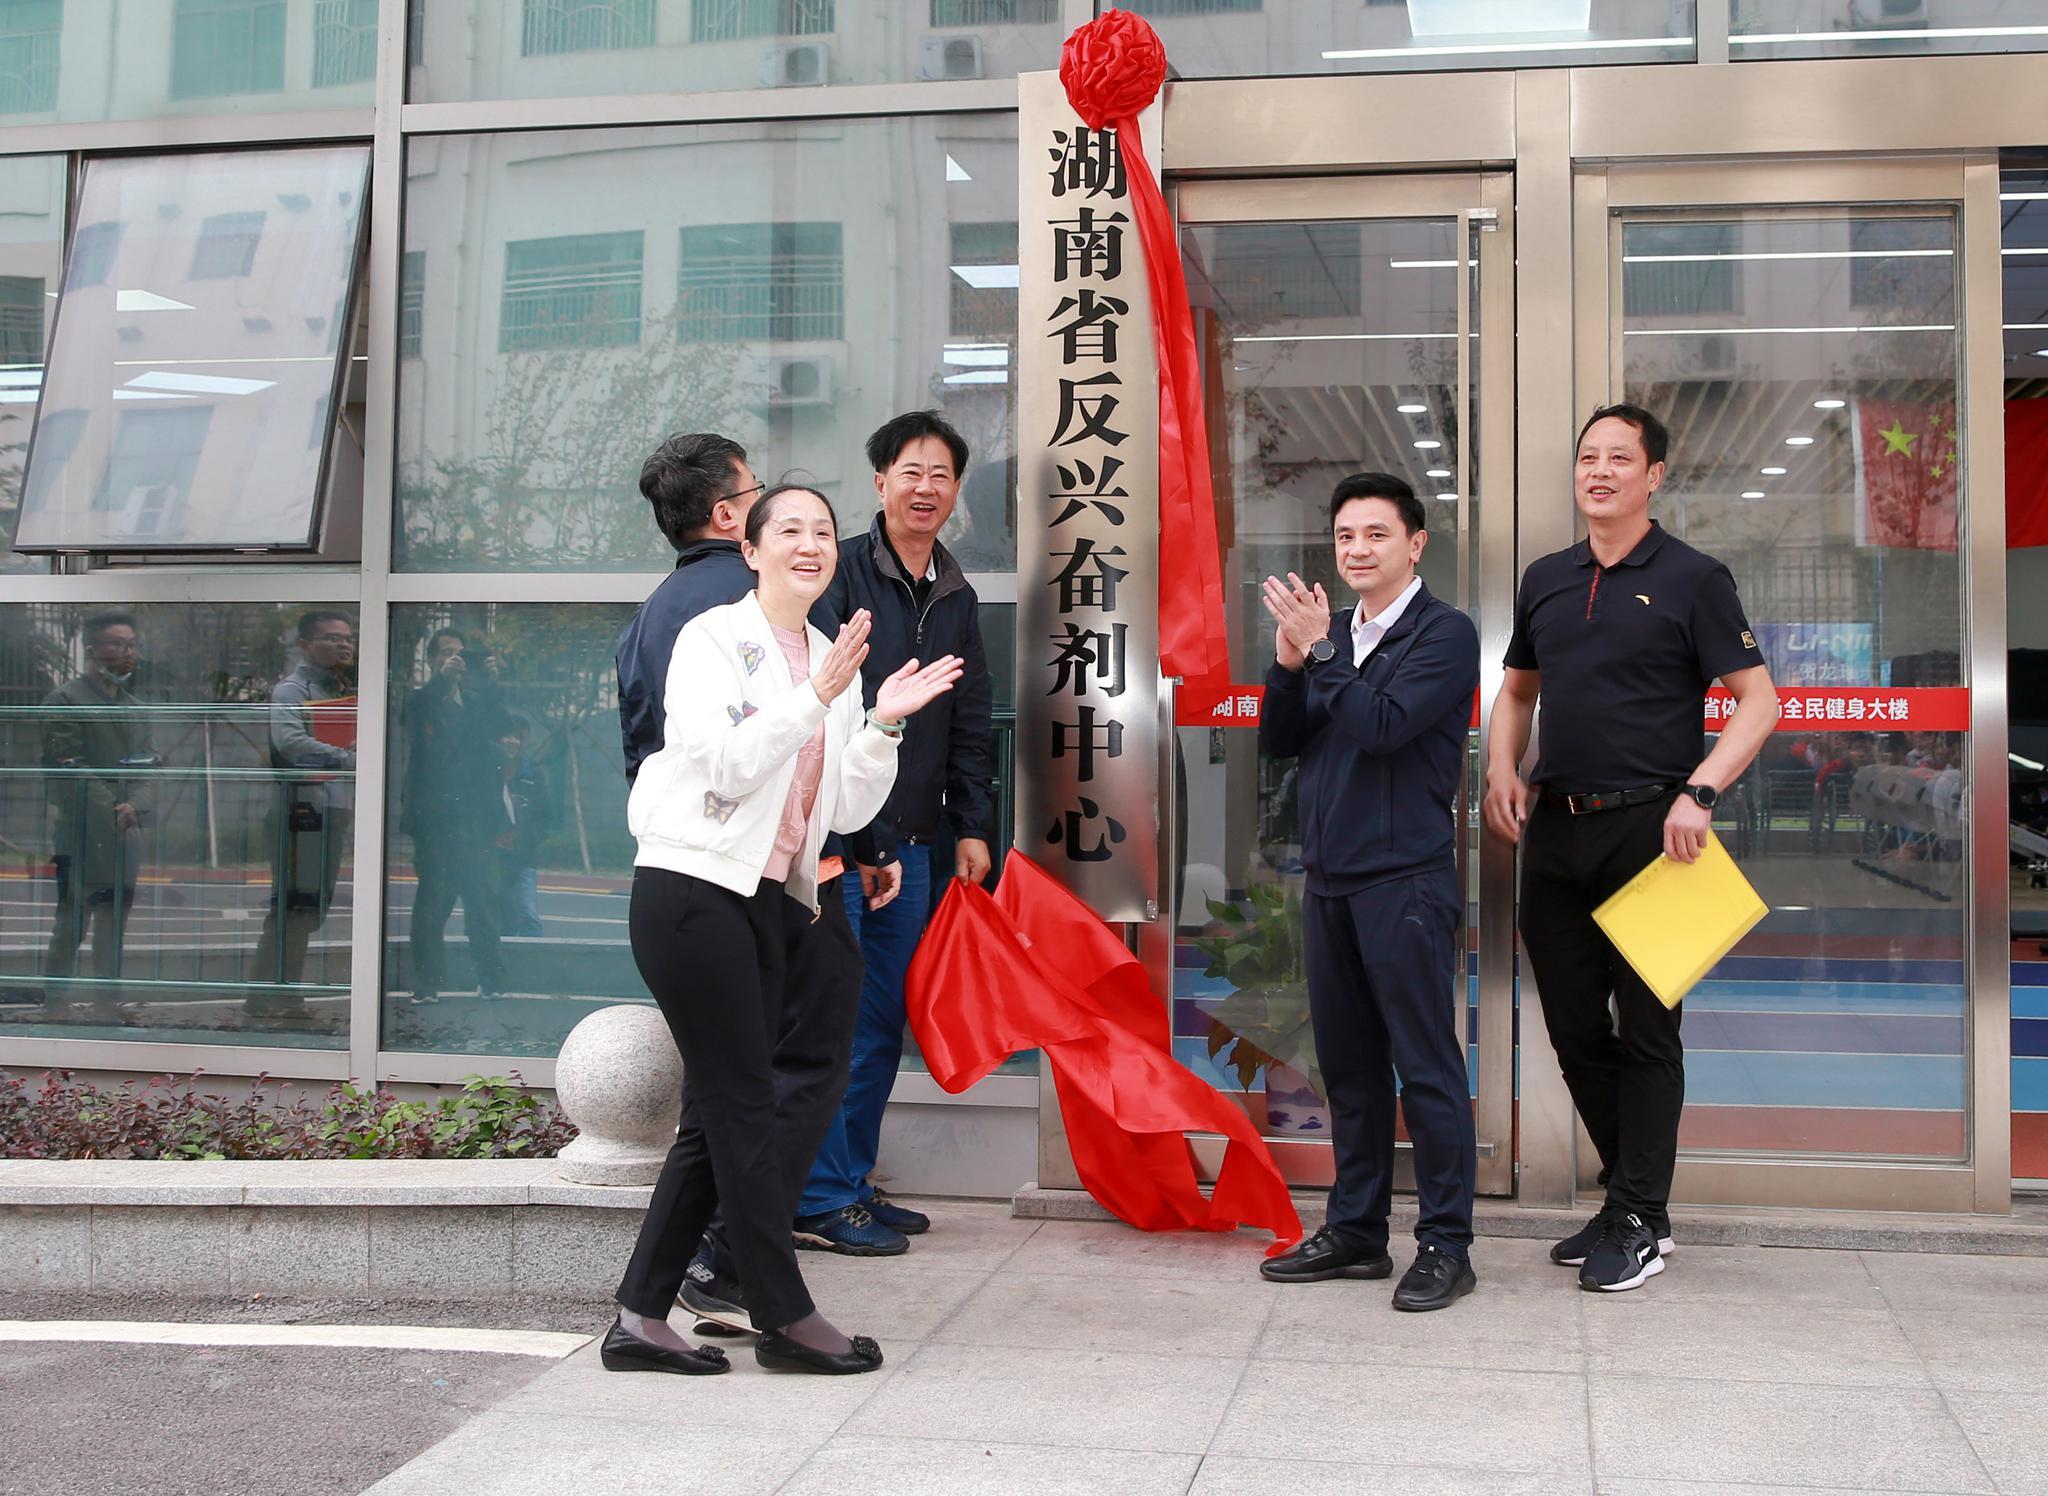 坚持拿干净金牌 湖南省反兴奋剂中心揭牌成立